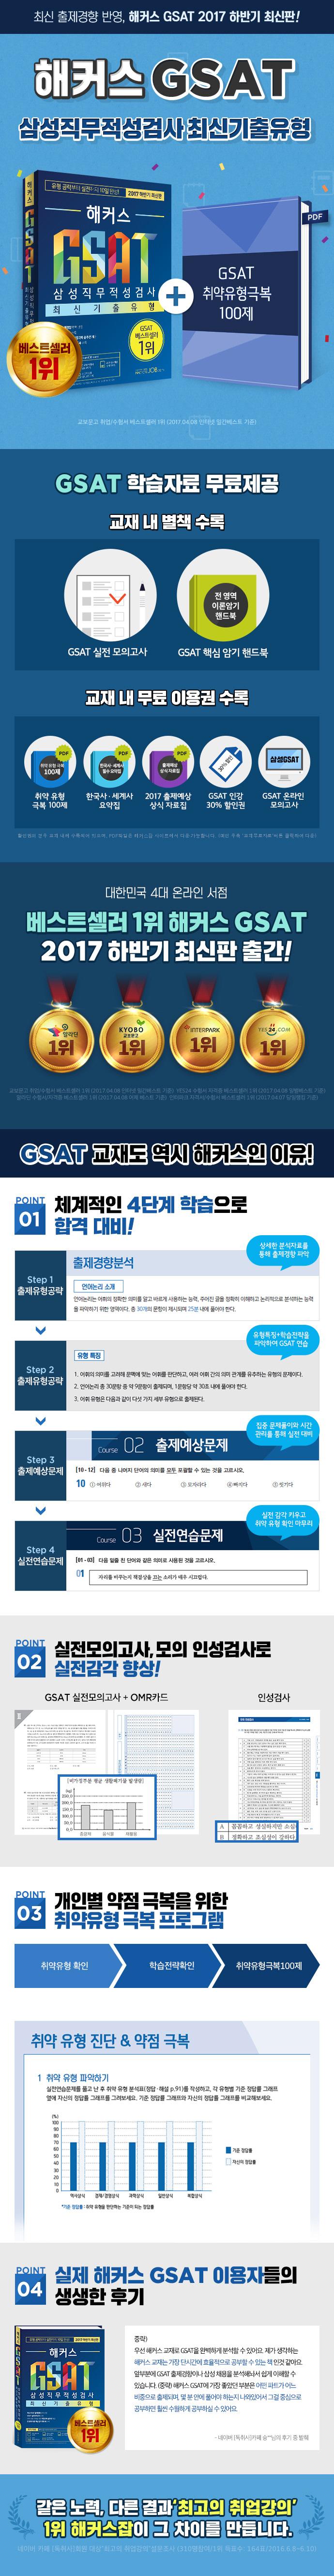 GSAT 삼성직무적성검사 최신기출유형(2017 하반기)(해커스) 도서 상세이미지